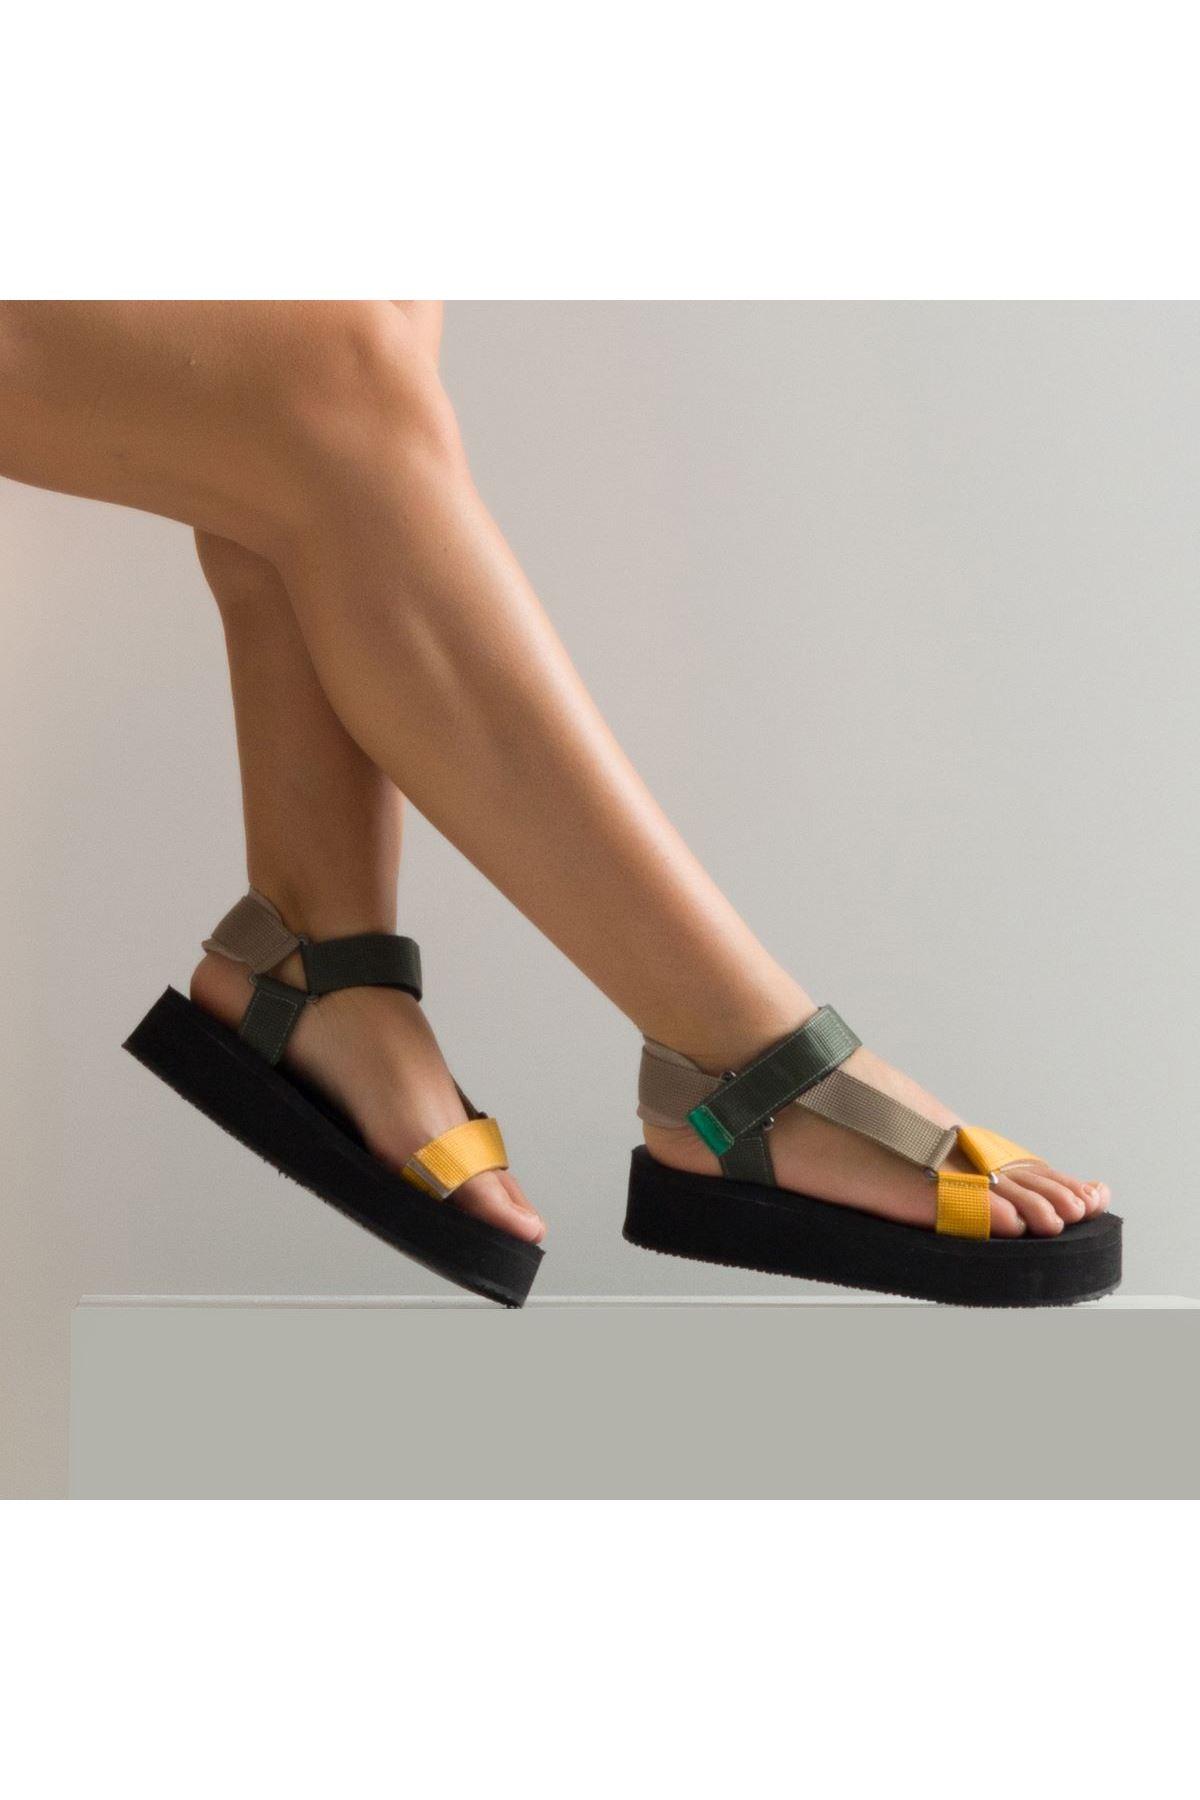 Carolina Kadın Sandalet Vizon Hardal Yeşil